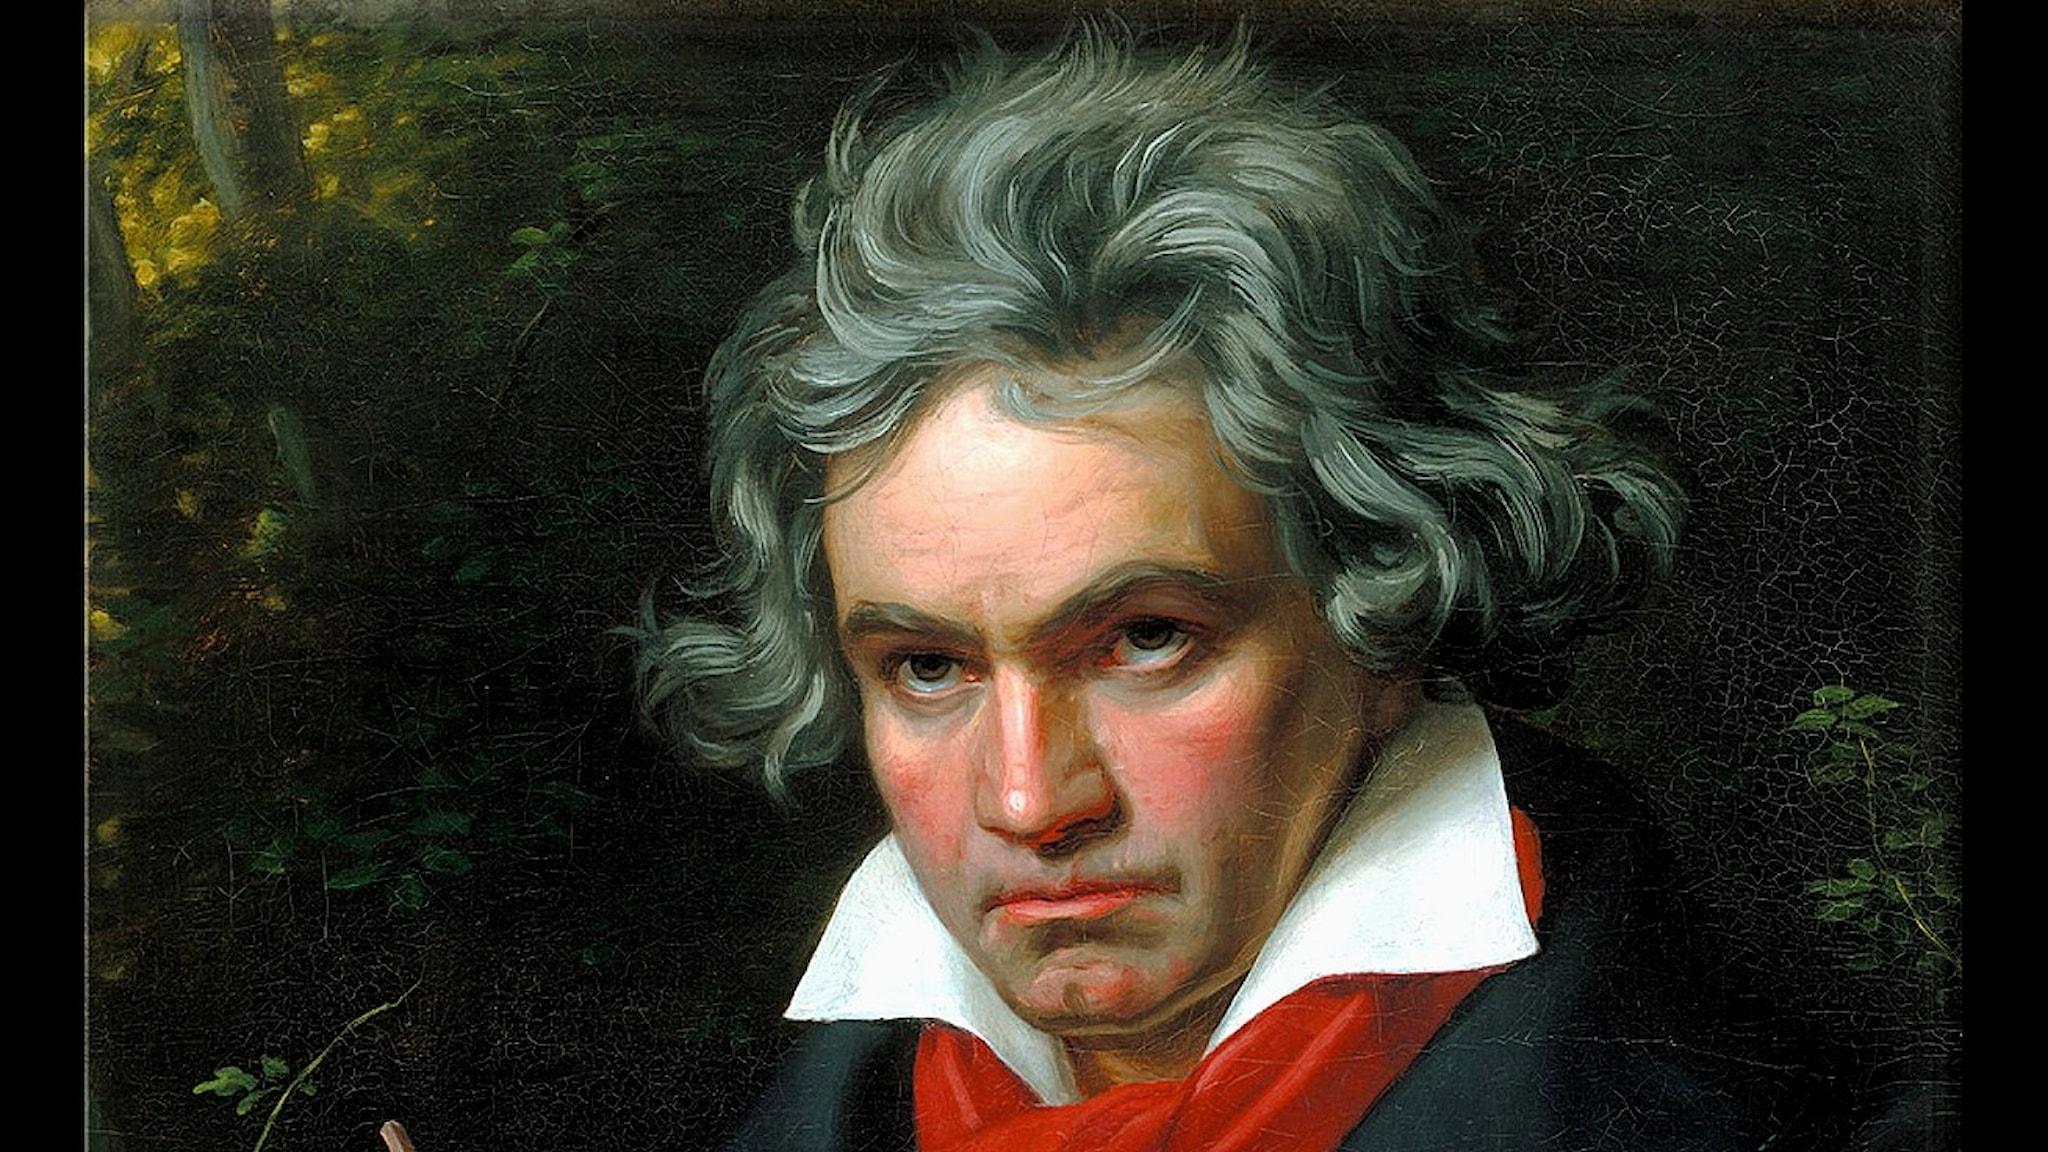 Porträtt av Beethoven (Joseph Karl Stieler, 1820).)